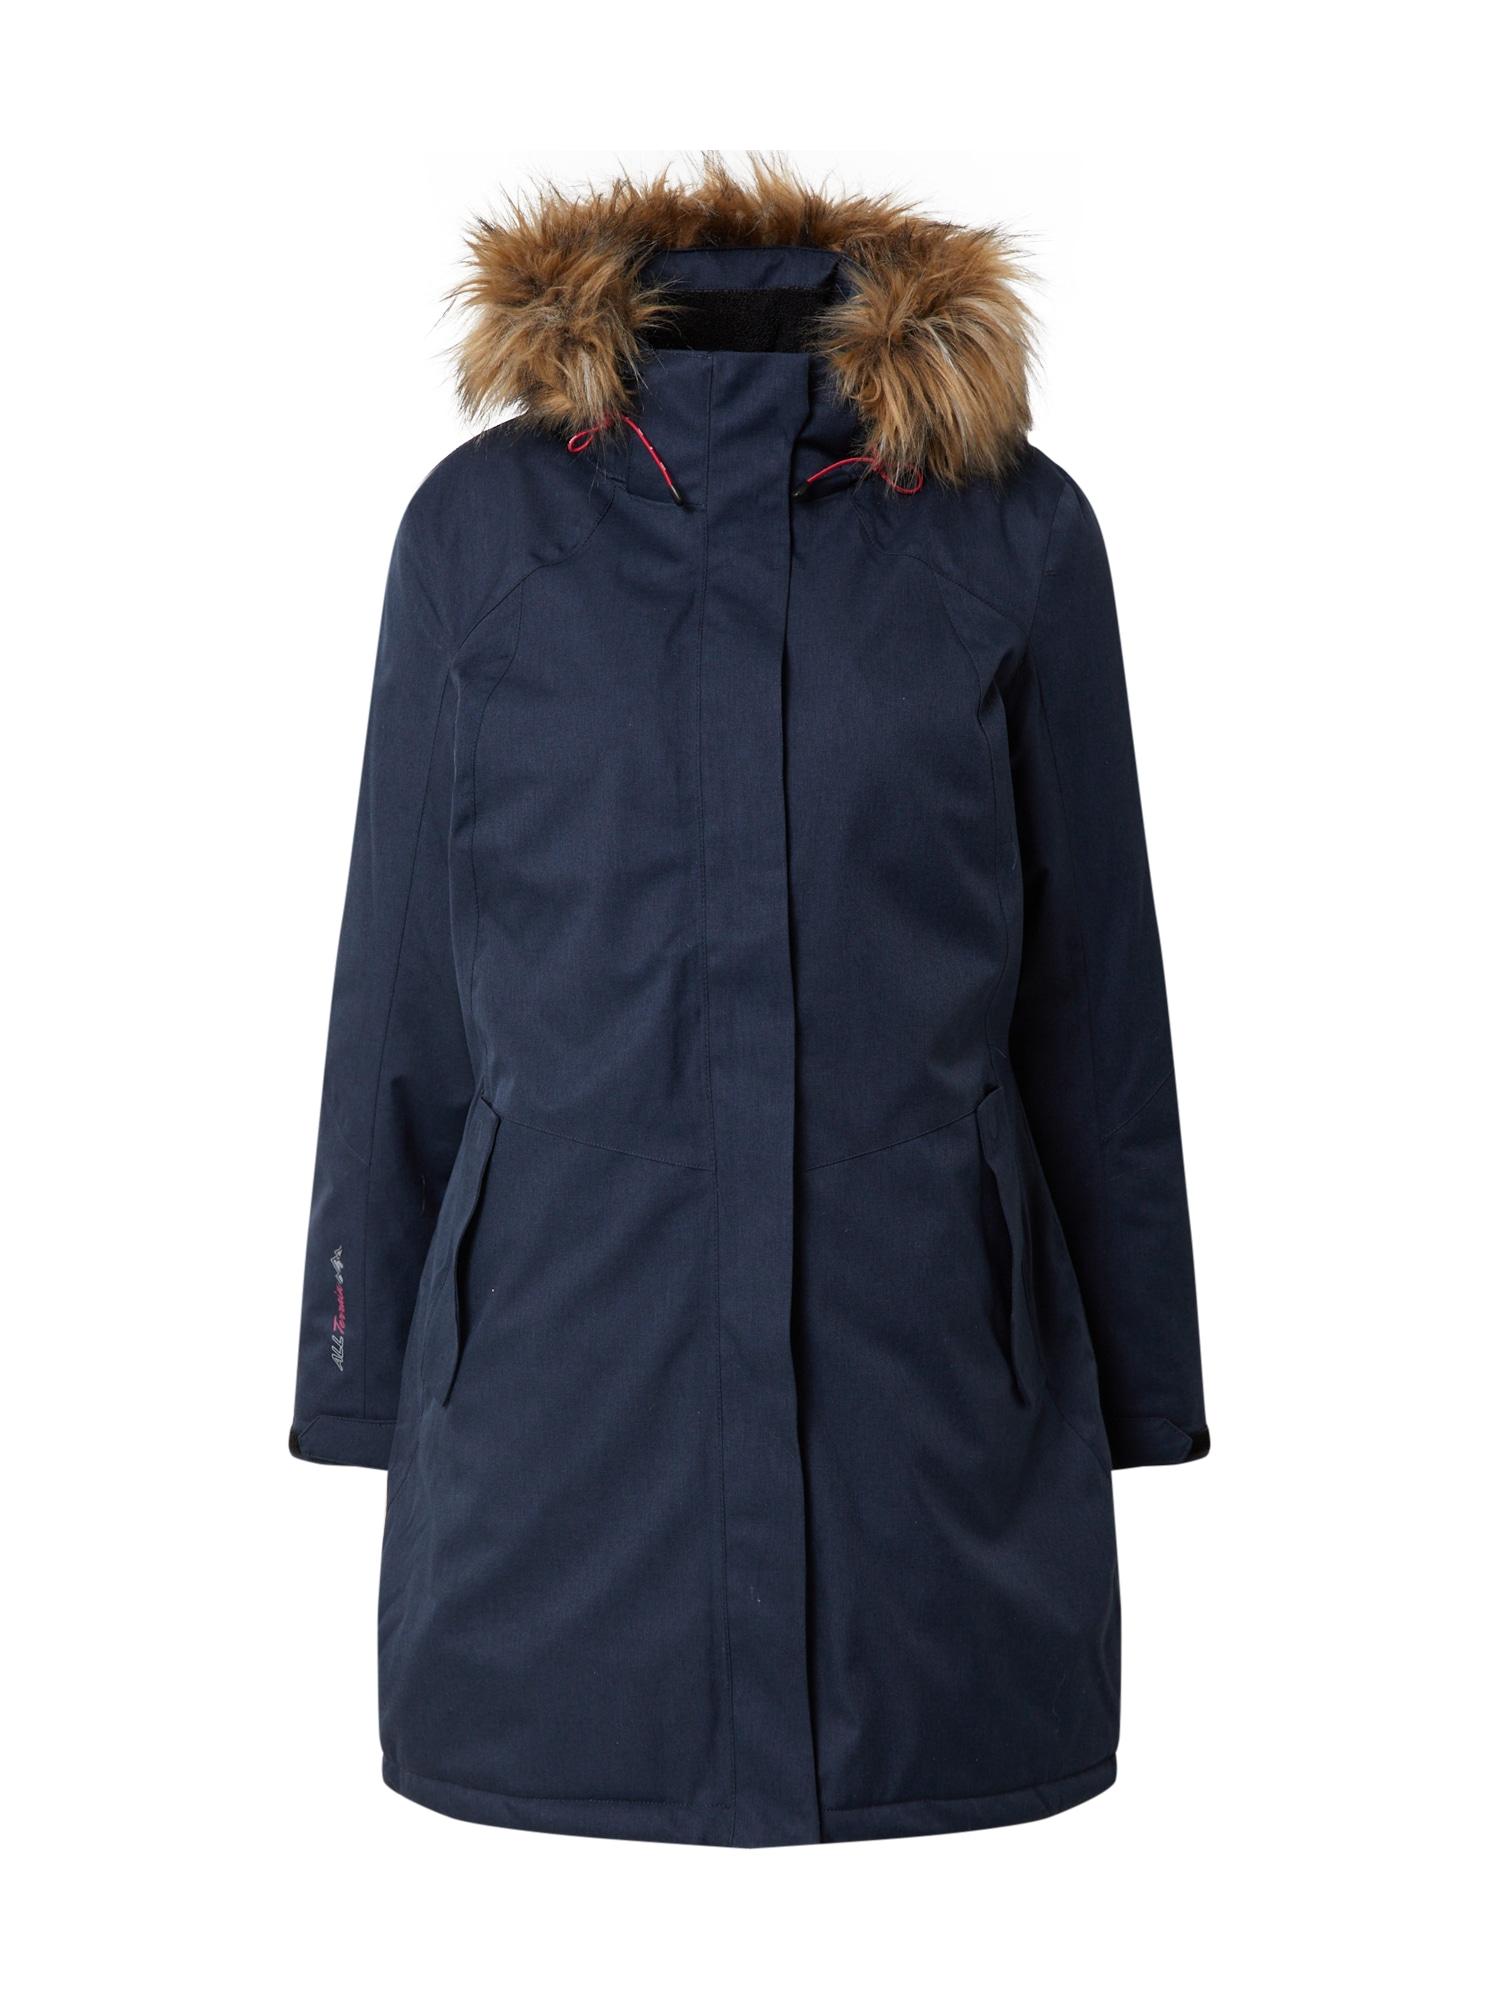 KILLTEC Outdoorový kabát 'Ostfold'  námořnická modř